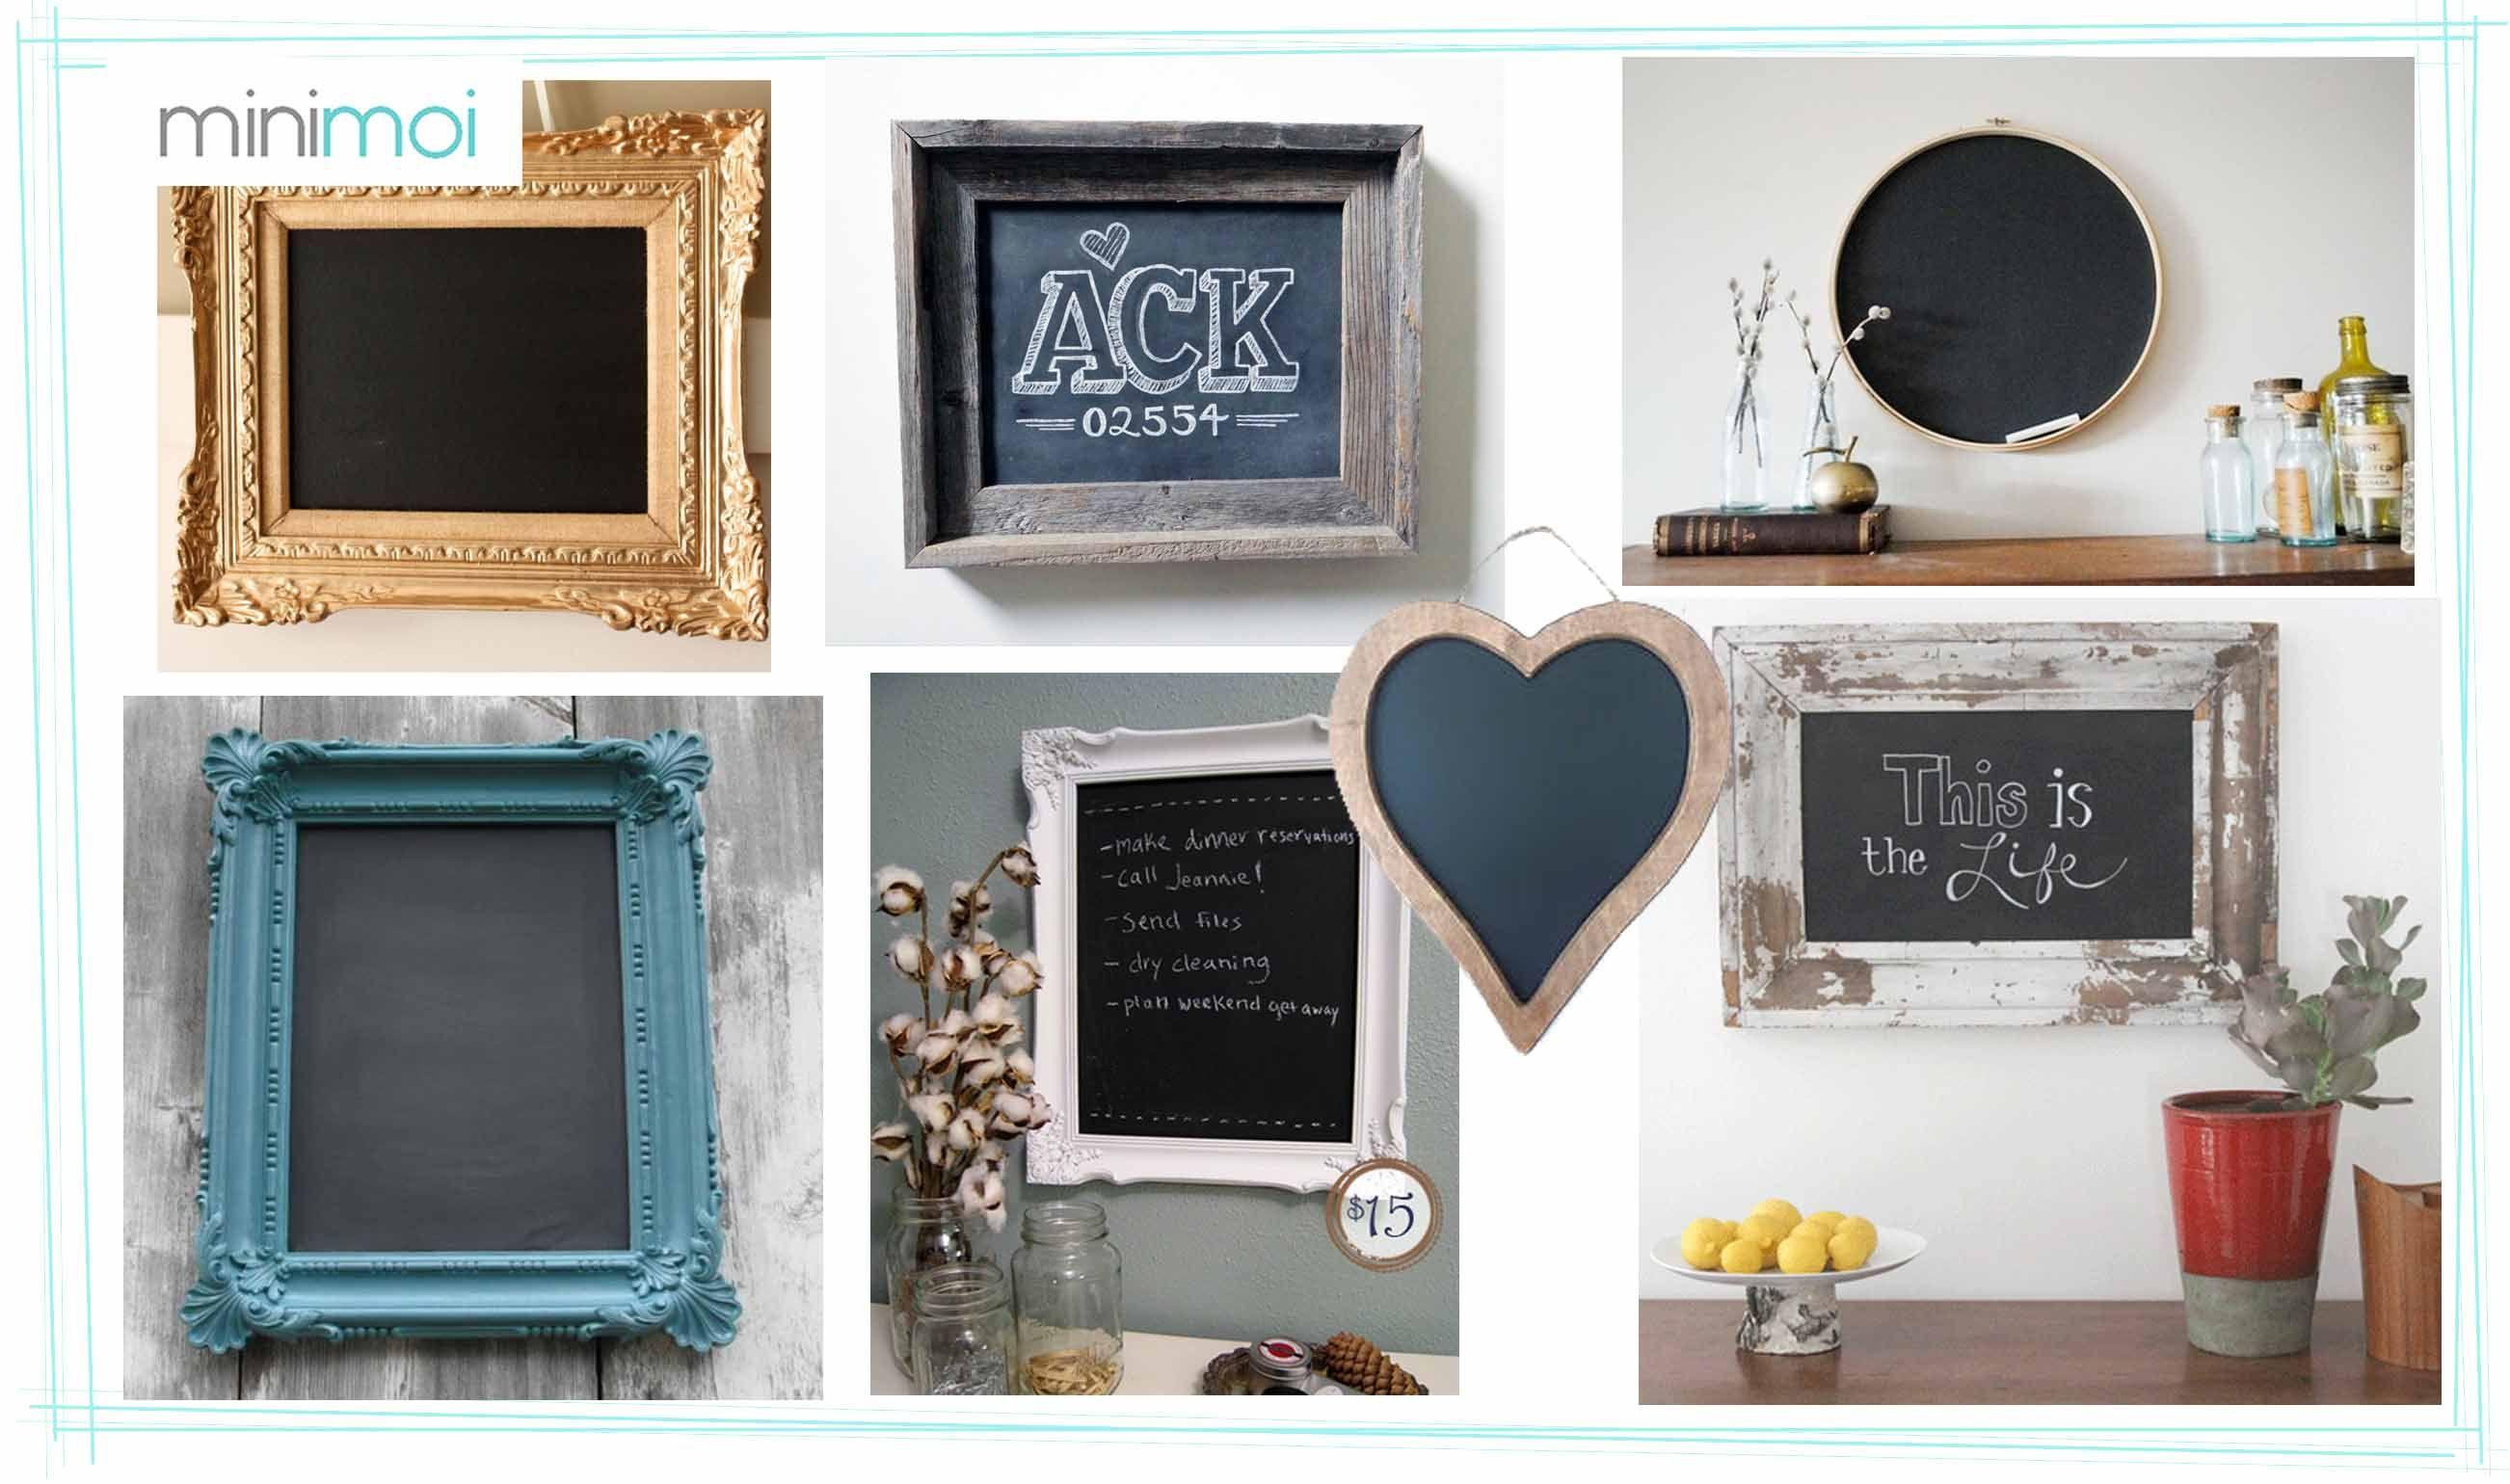 pizarra marco bonito Archivos - Minimoi | belezaa | Pinterest ...